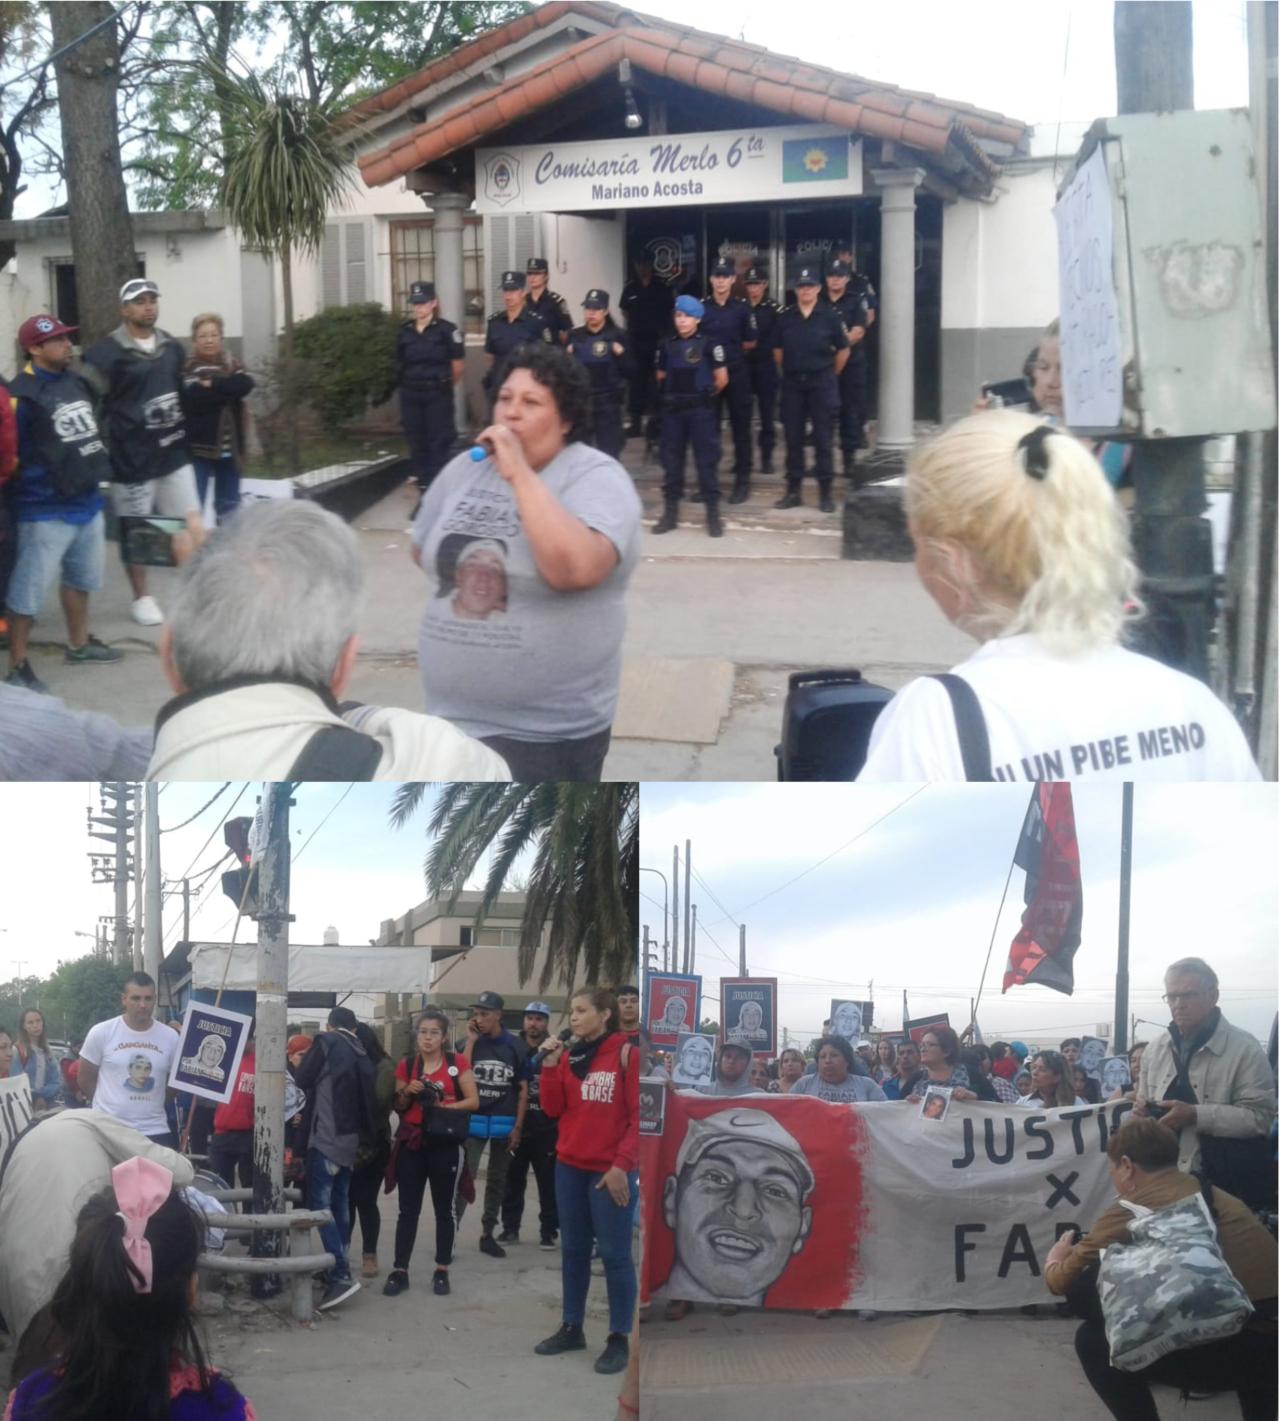 Escrache a la Comisaría 6° de Mariano Acosta, solidaridad con María Viera y los testigos